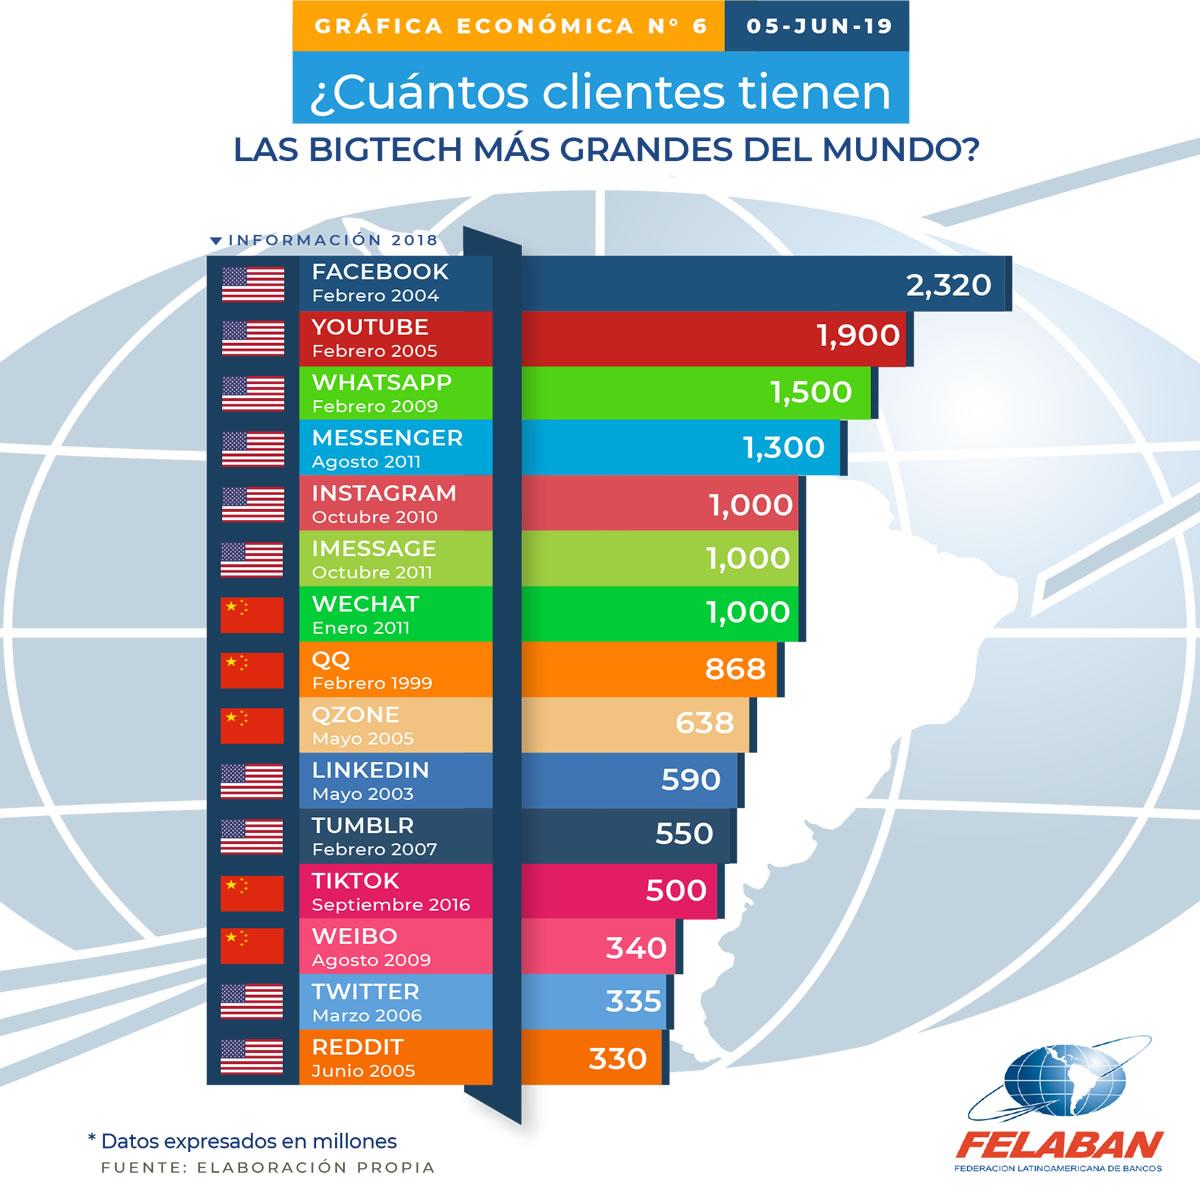 Gráfica Económica Nro 6 - ¿Cuántos clientes tienen las Bigtech más grandes del mundo?